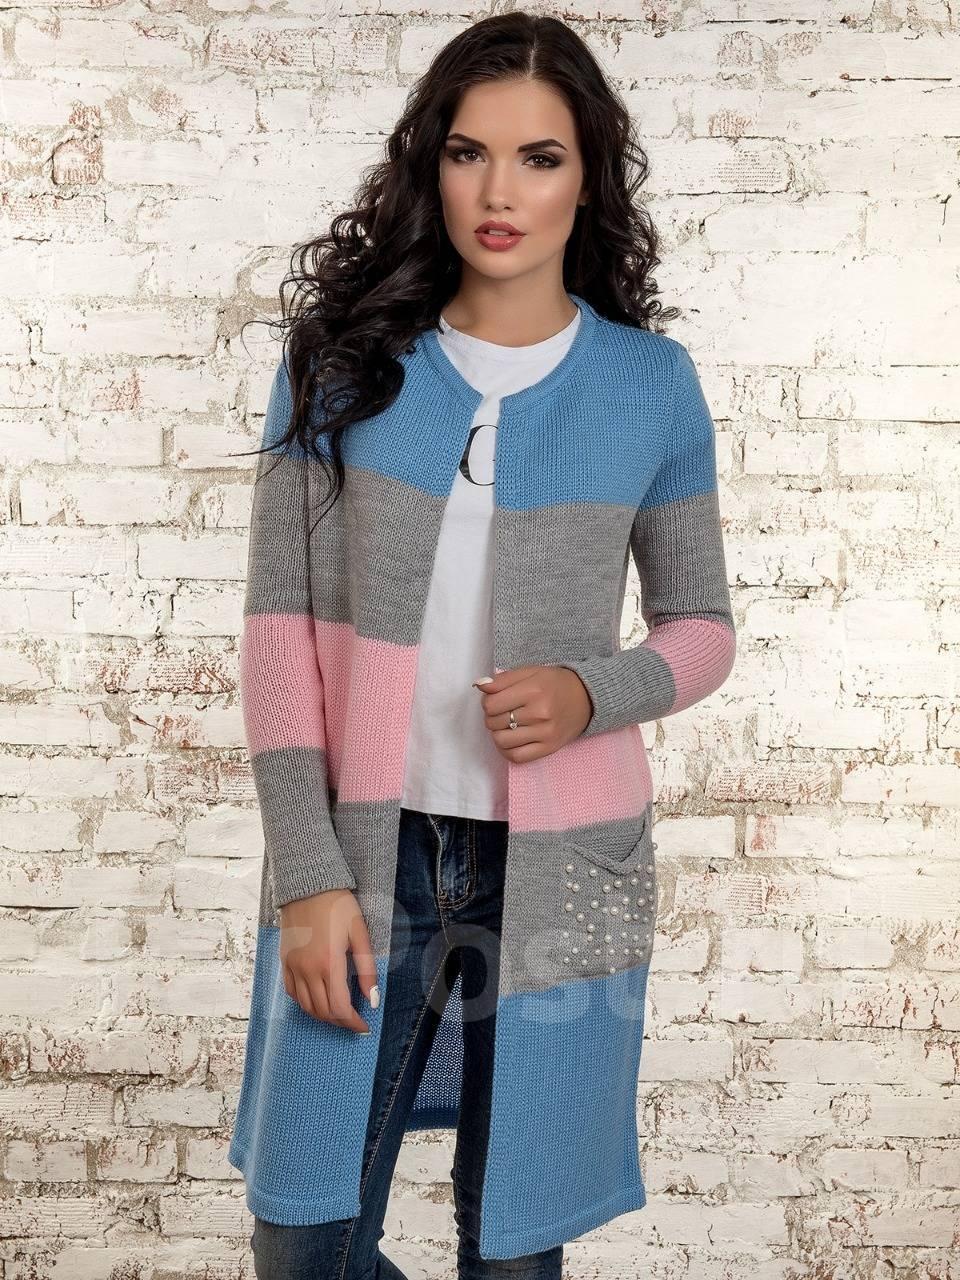 7178096039d77 Купить женские кофты, свитеры, толстовки во Владивостоке! Цены. Сезон -  Демисезон.